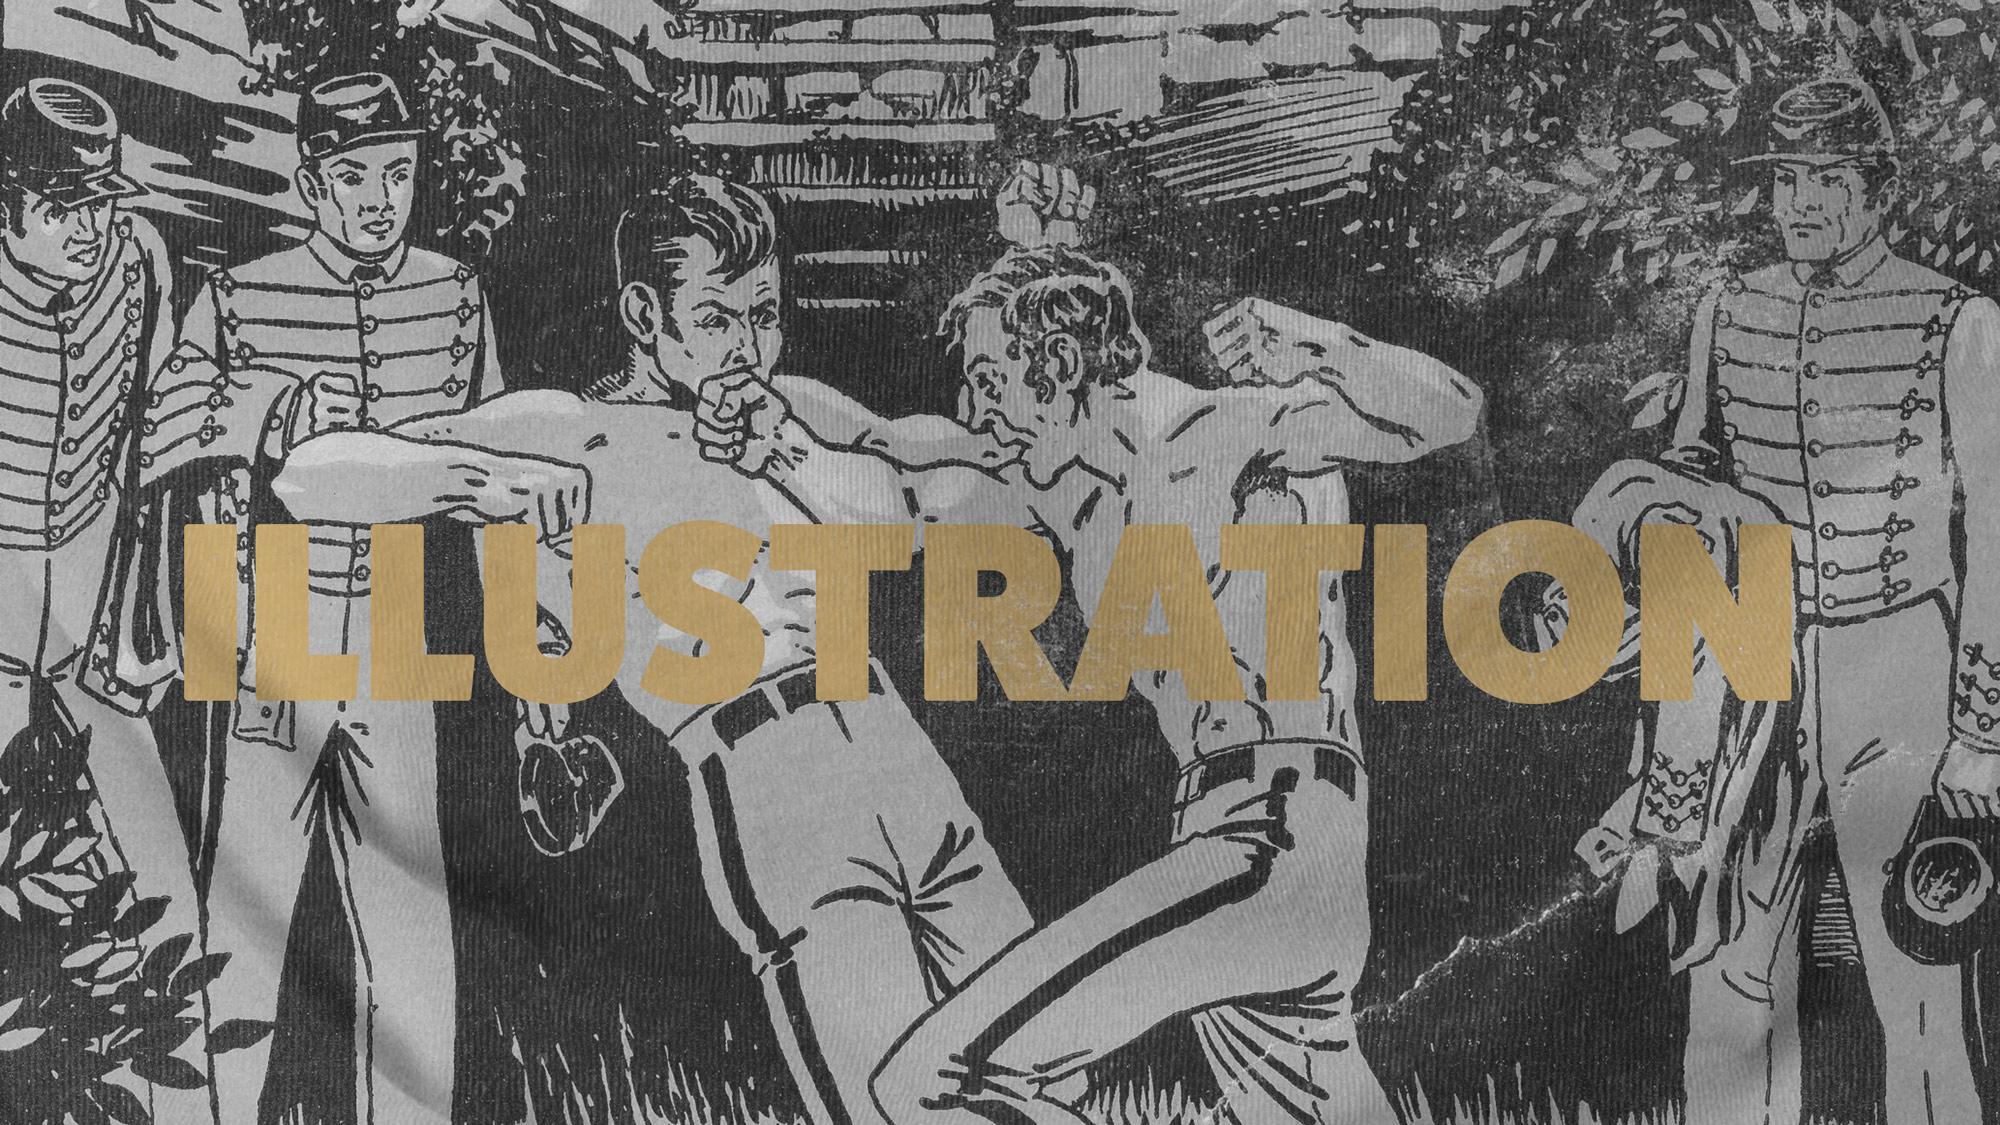 HEADER_ILLUSTRATION.jpg